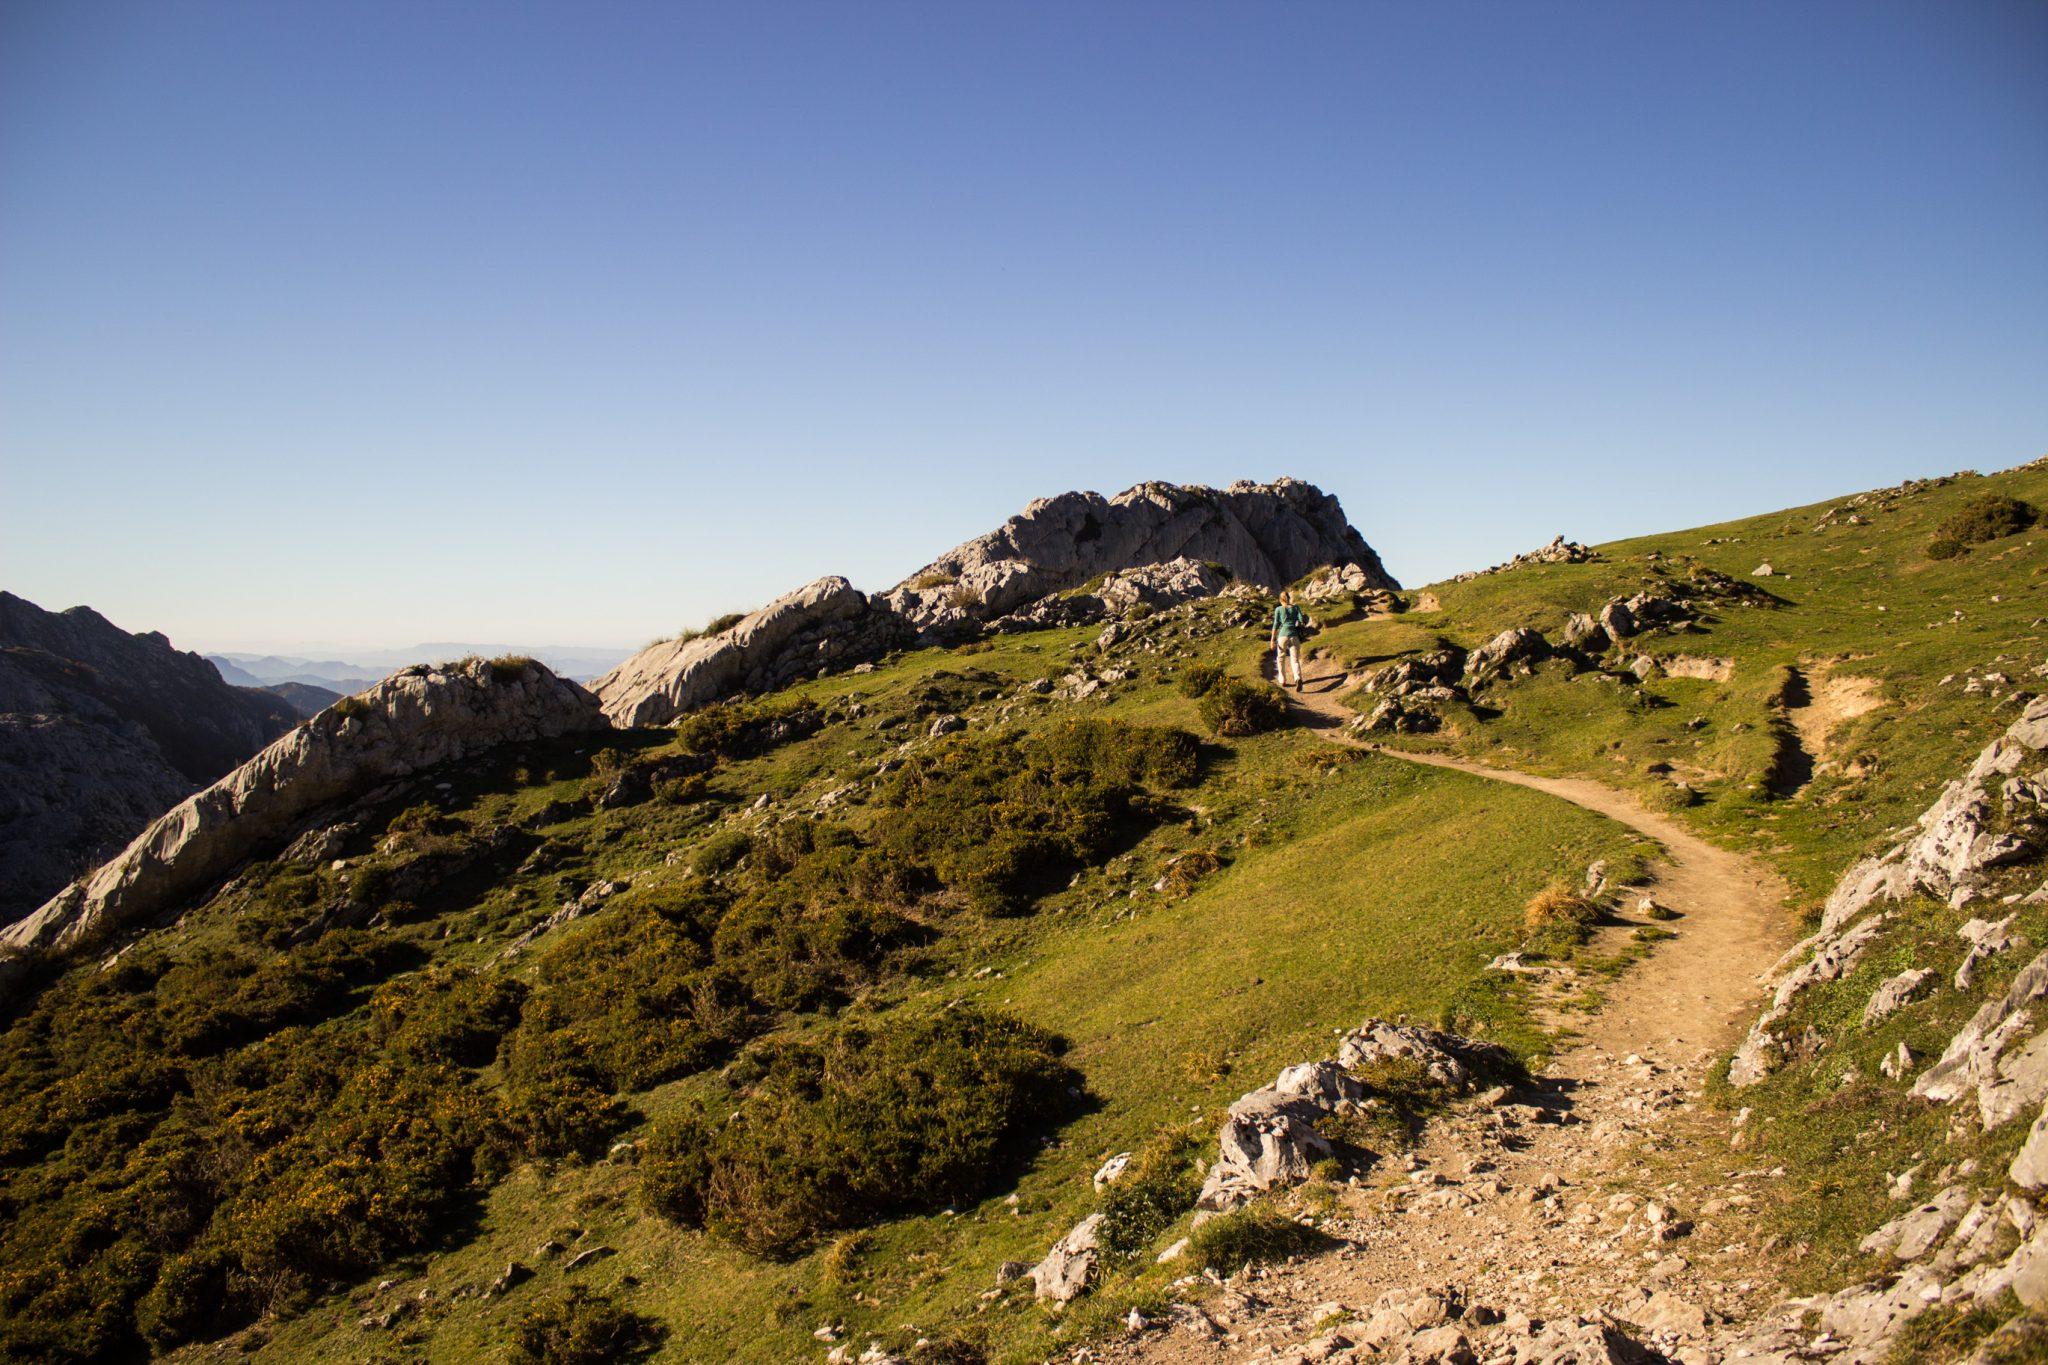 Wanderung Mirador de Ordiales Picos de Europa Spanien, schöner sehr schmaler und einsamer Wanderweg in Bergregion am Hang